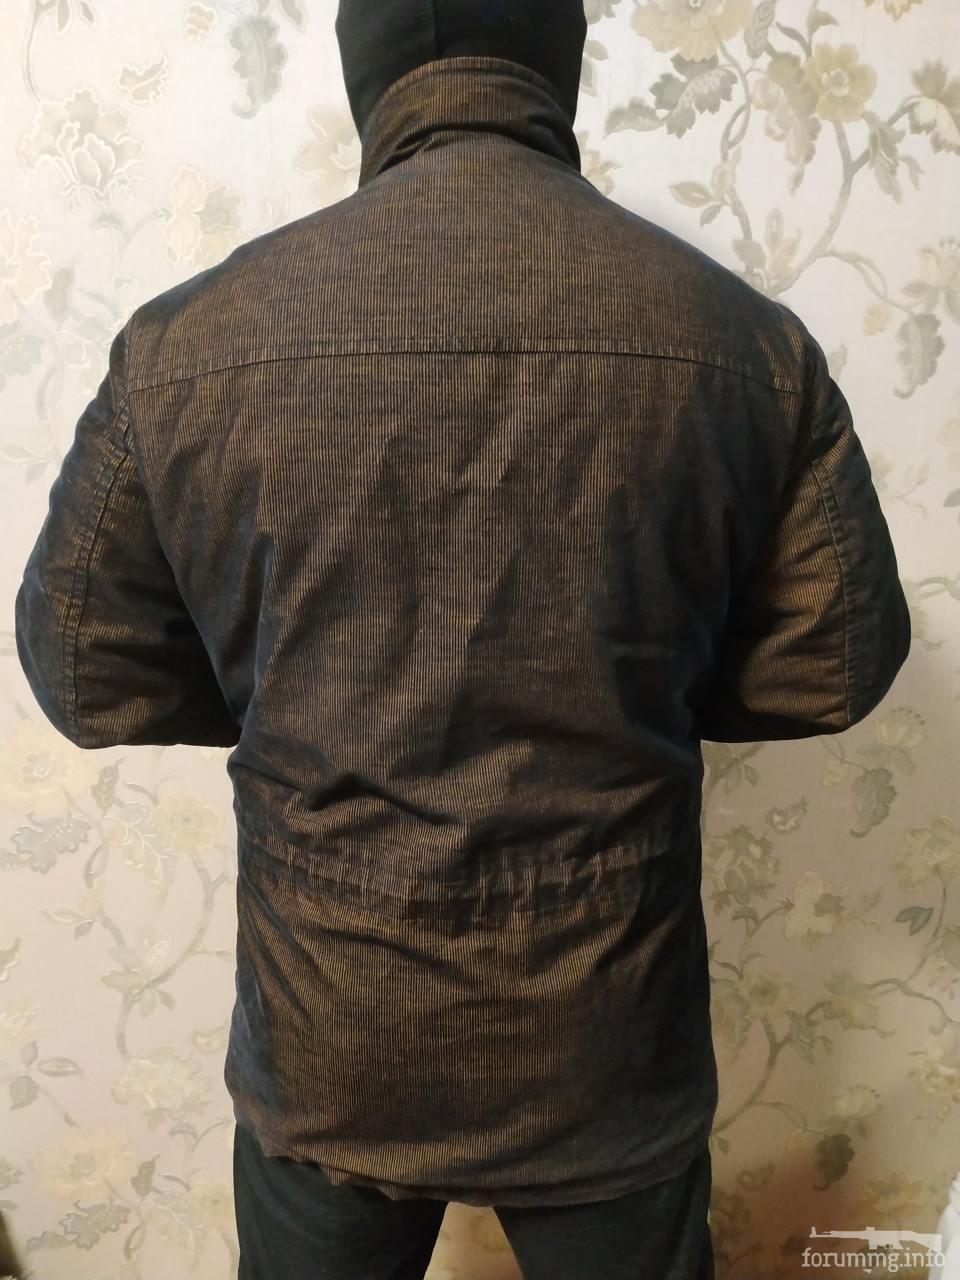 136455 - Тепла трекінгова куртка для прогулянок